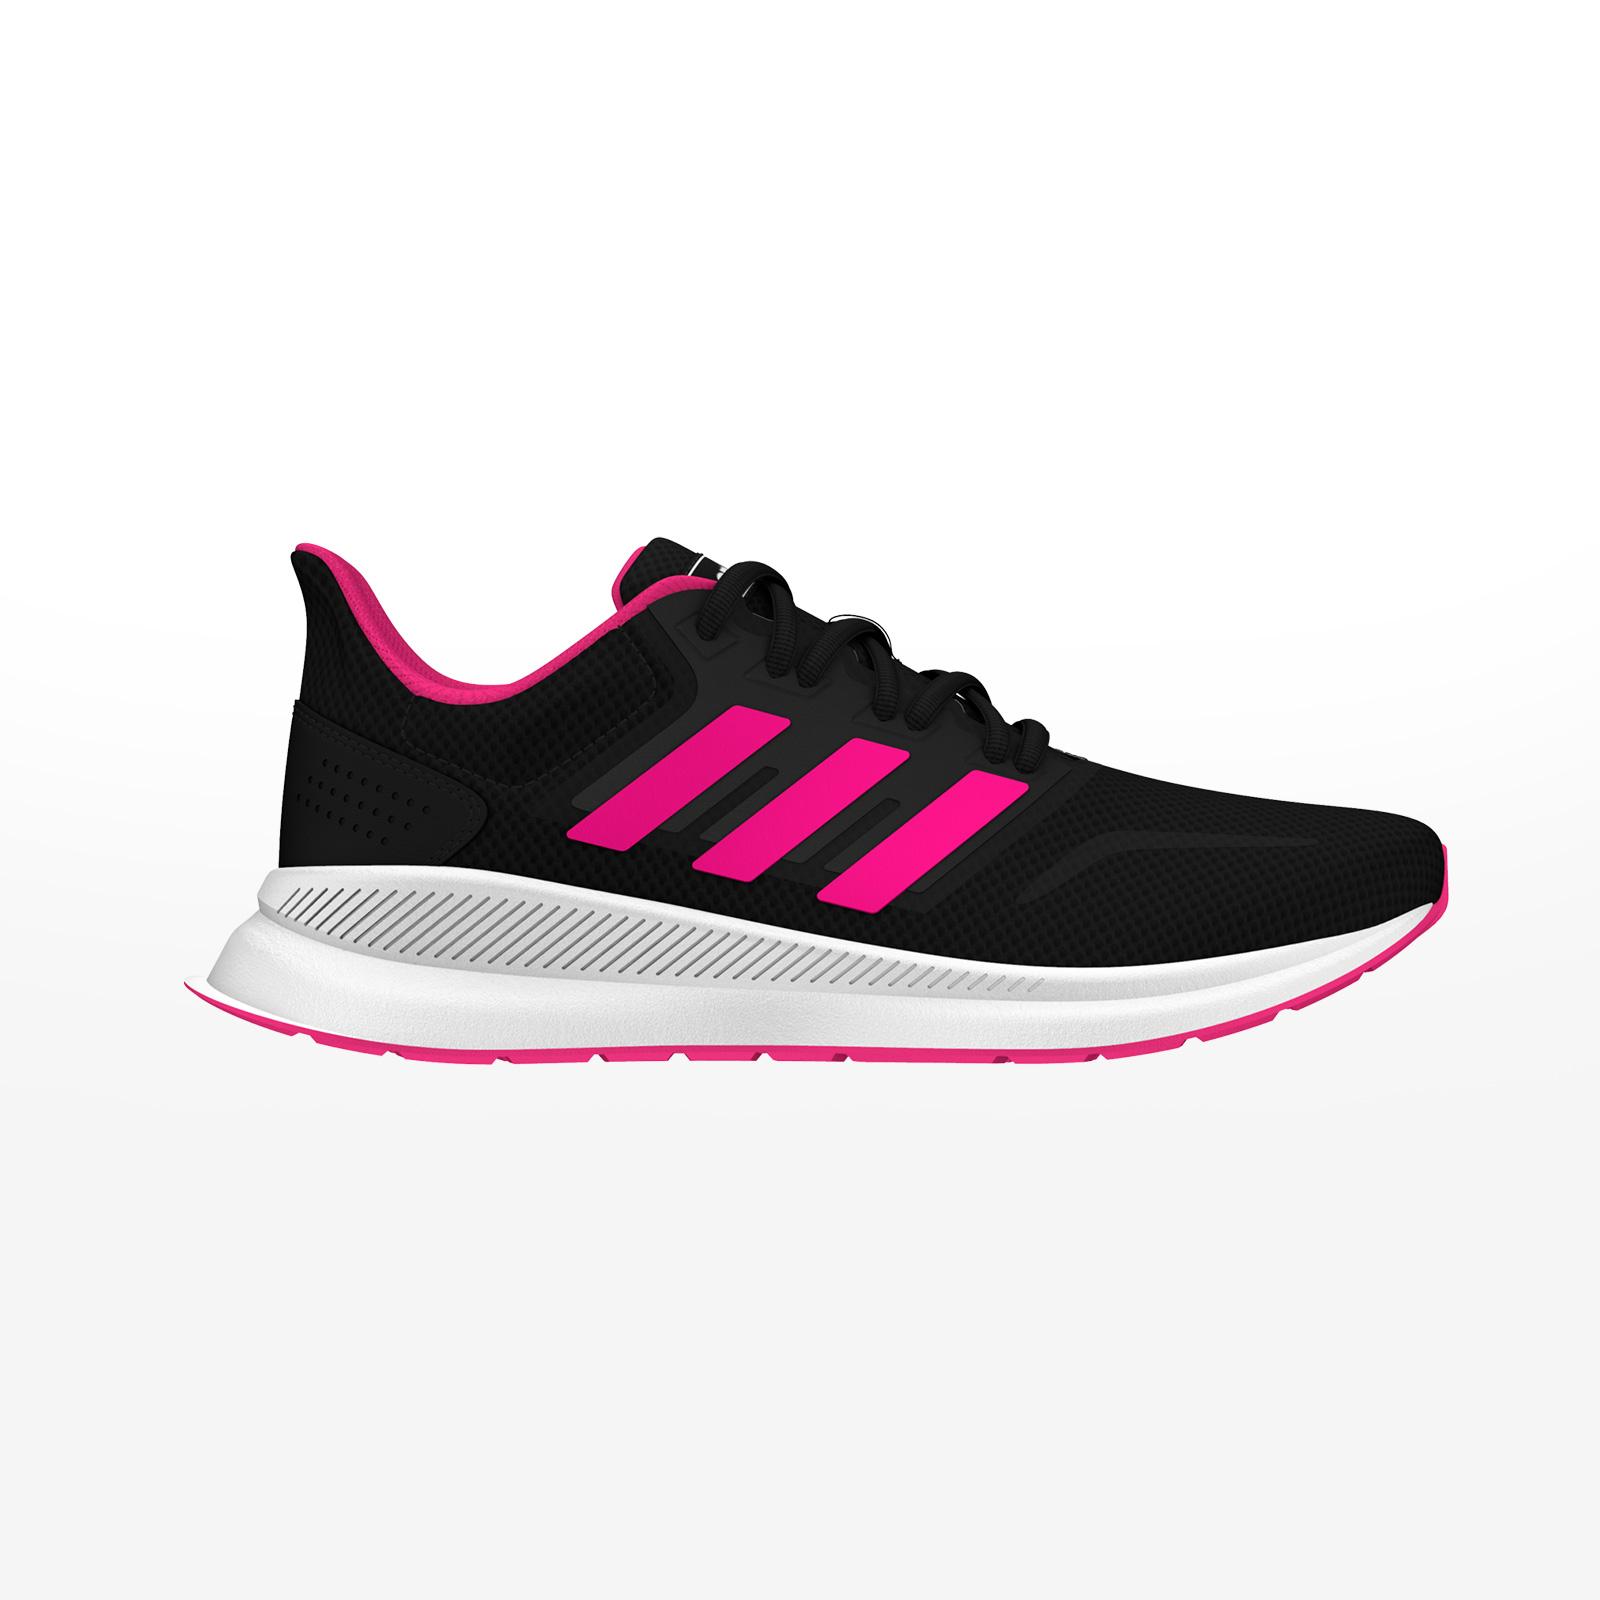 6396ed8fc66 Παιδικά Παπούτσια adidas - Oneiros.gr